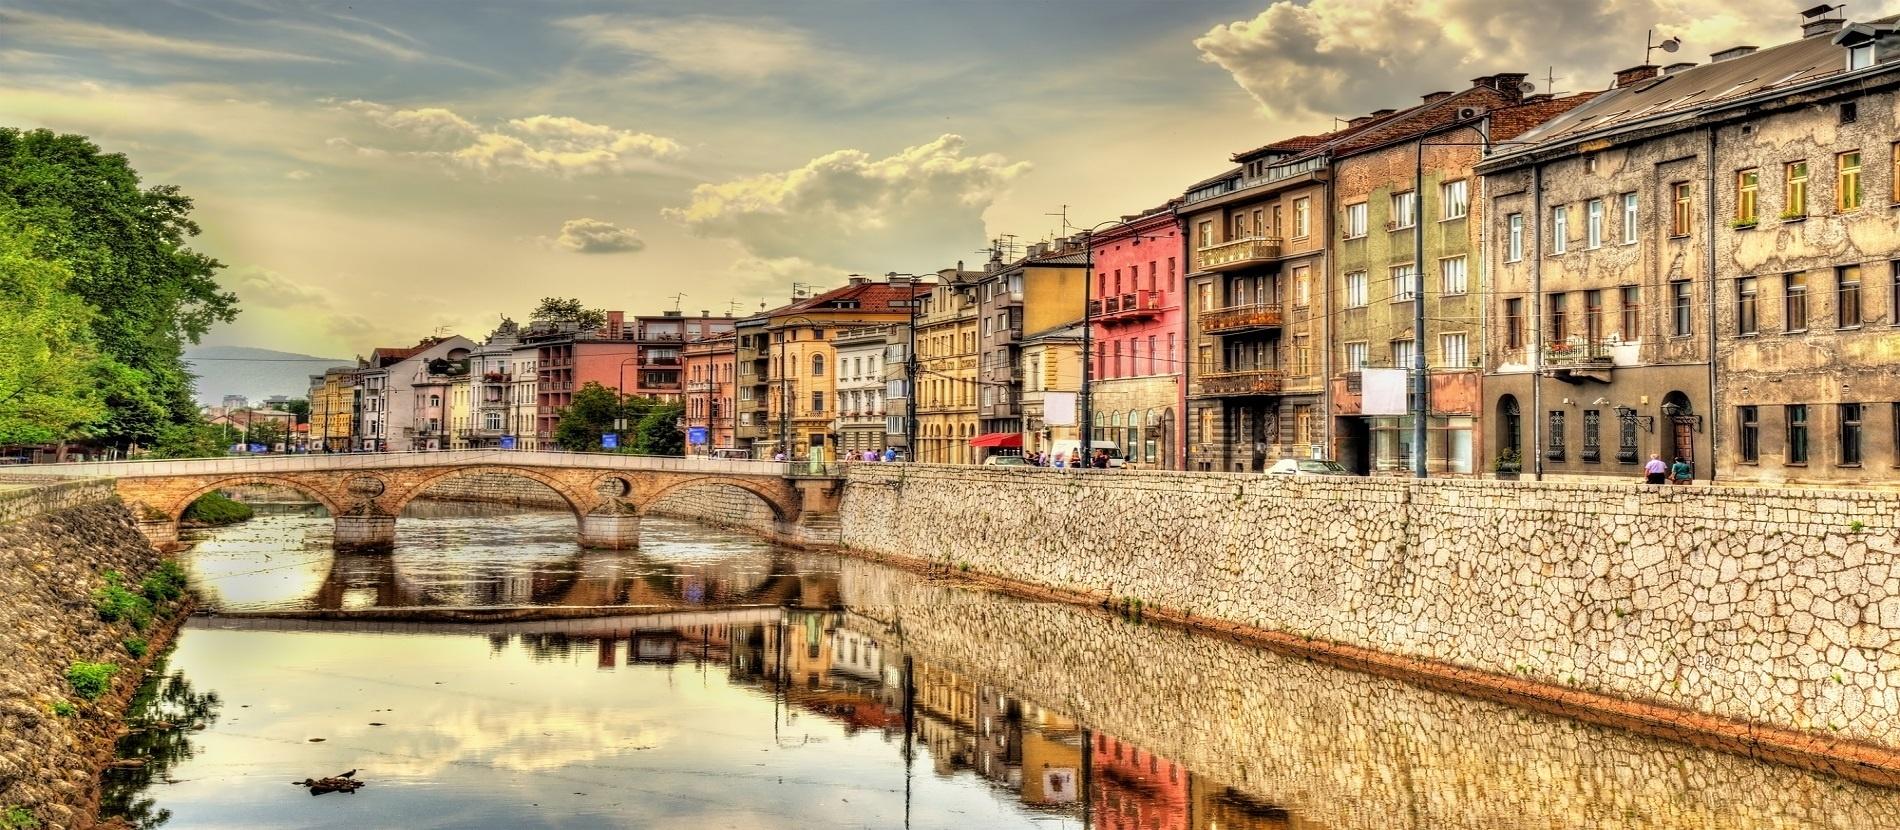 Экскурсия в Боснию и Герцеговину - Сараево